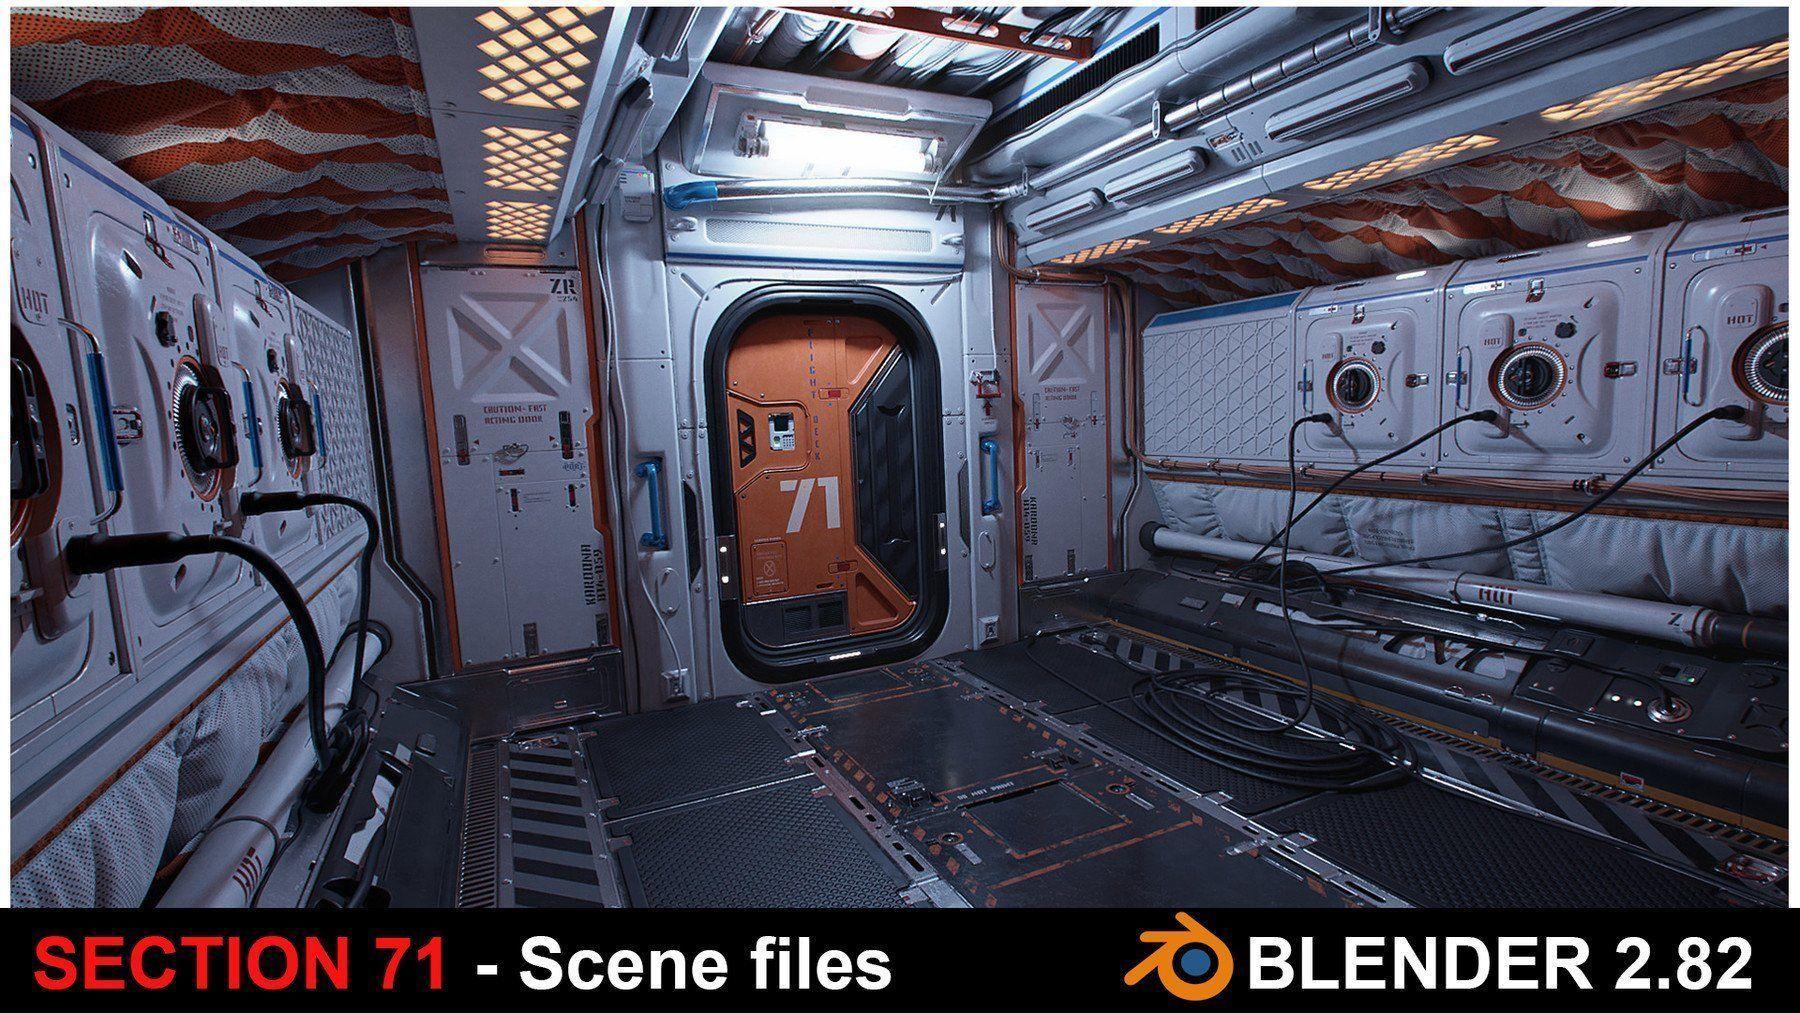 Section 71 - Scifi corridor